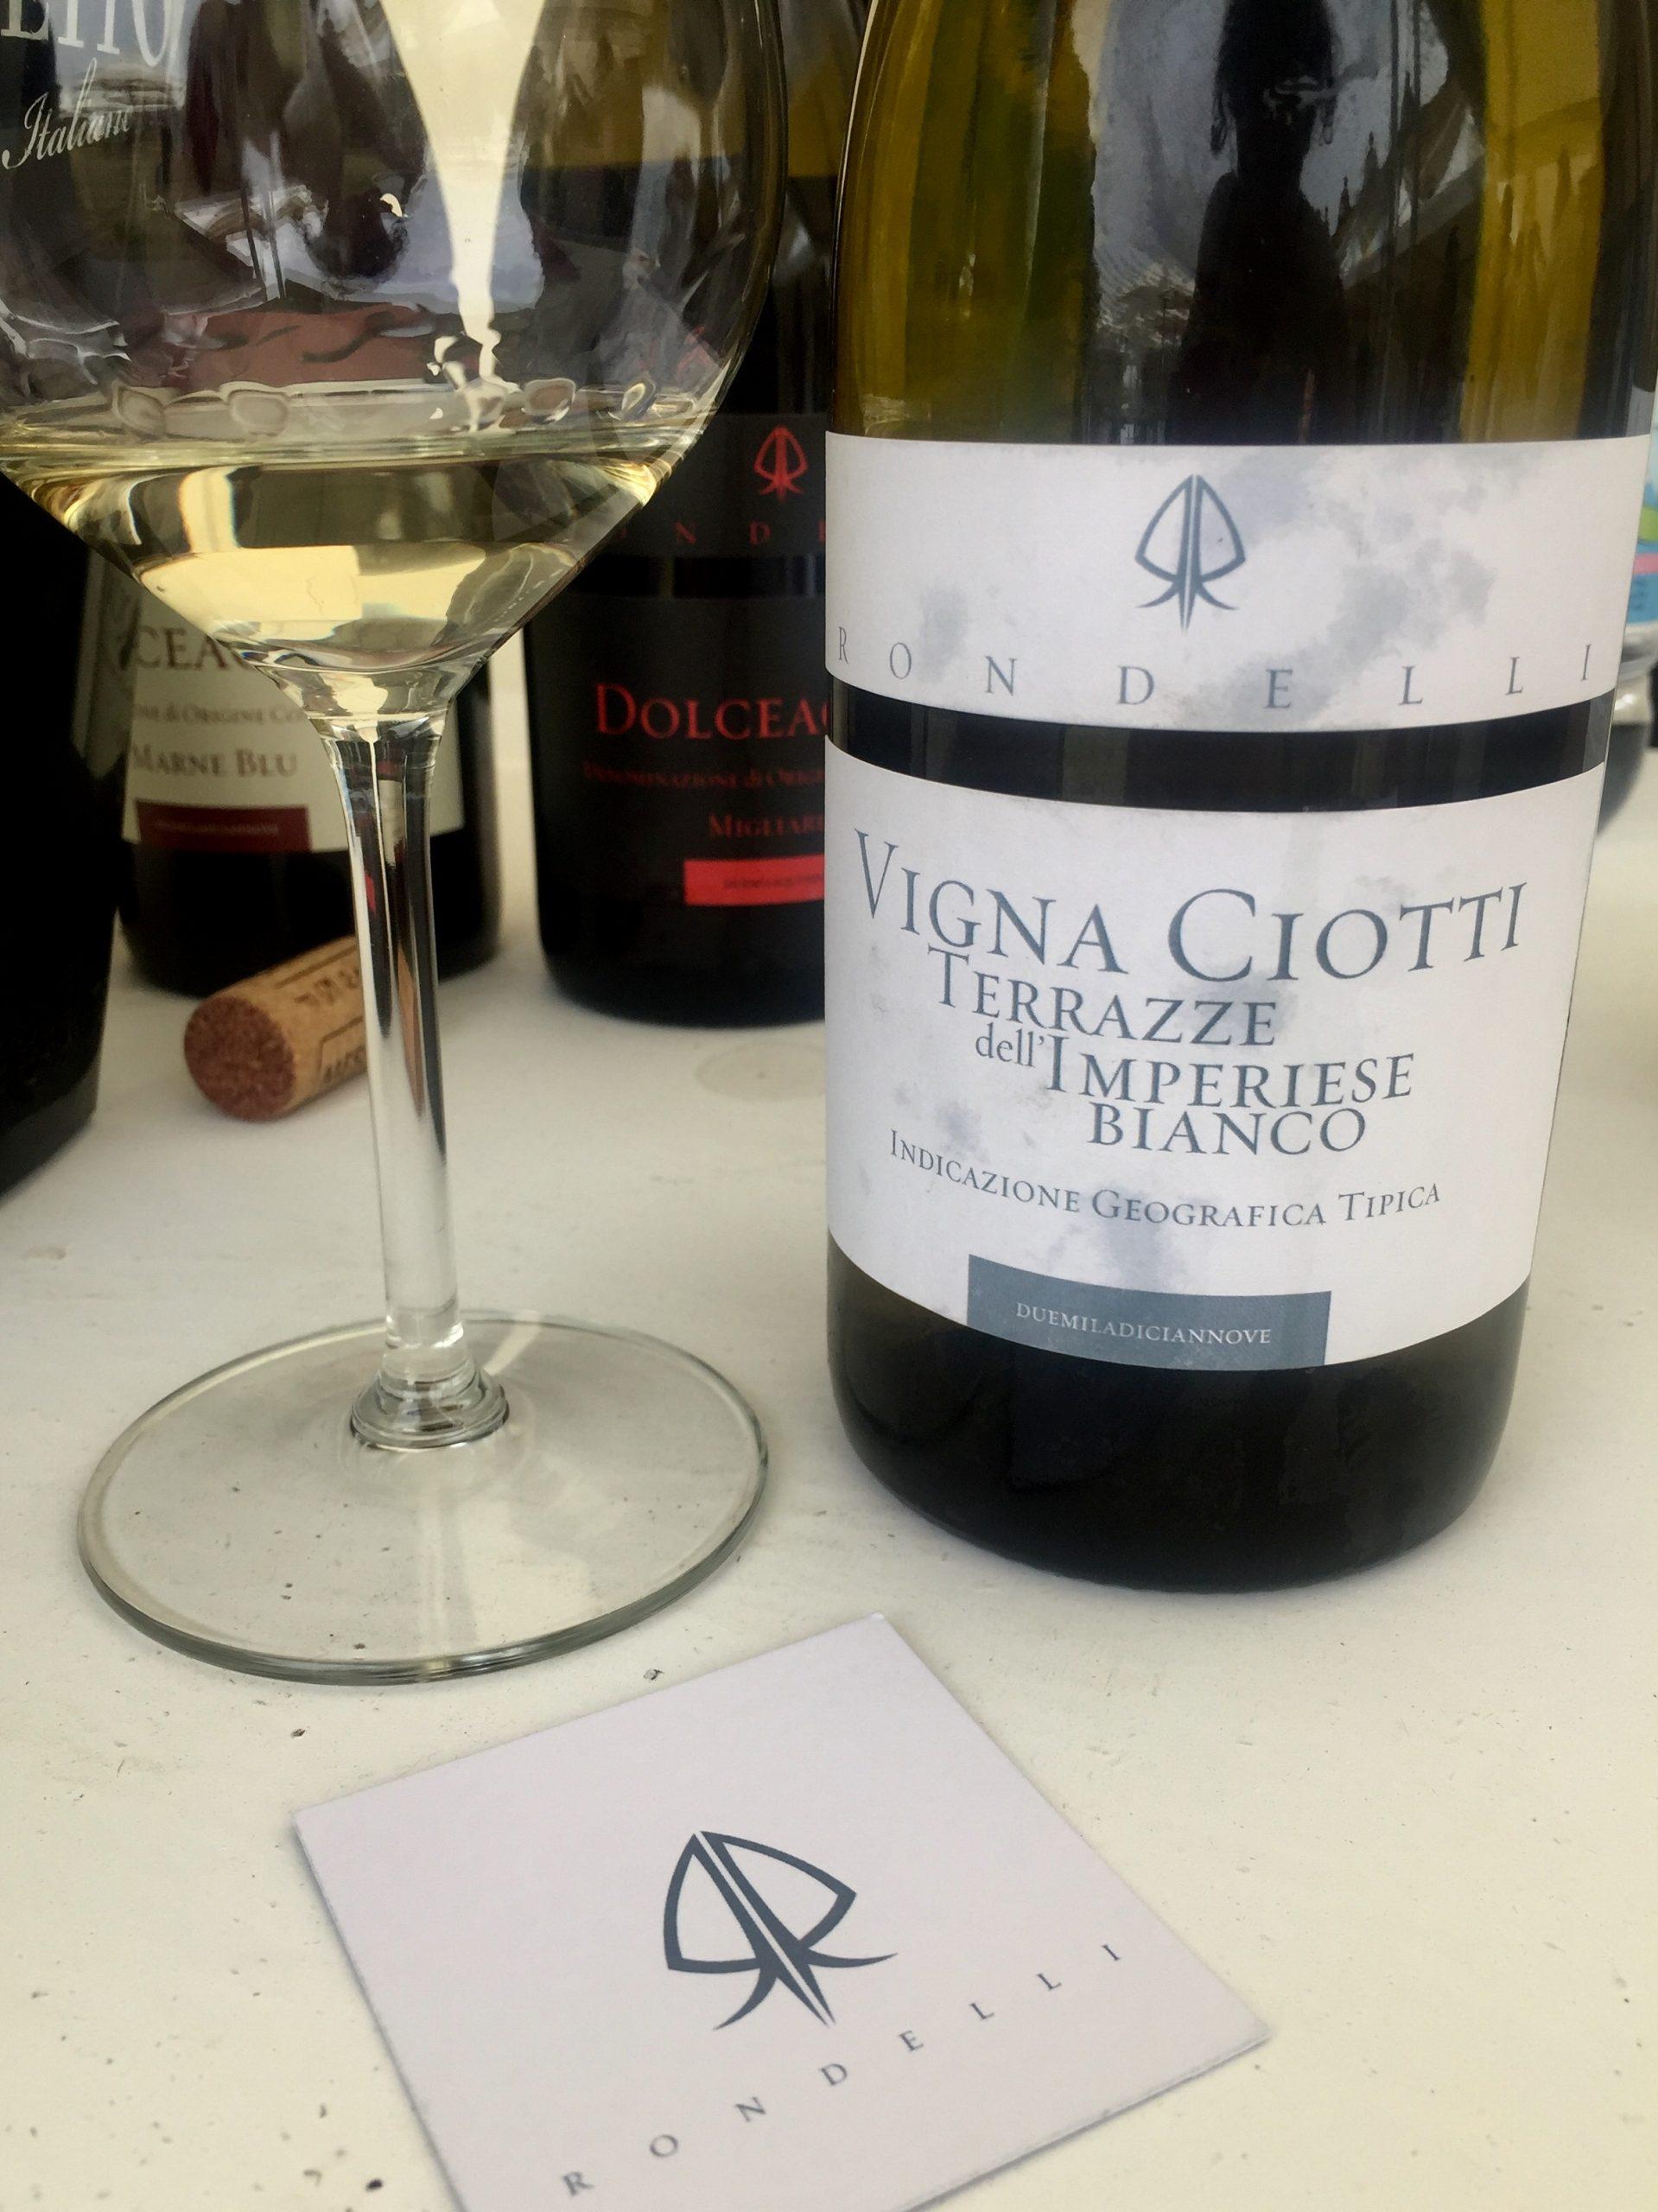 Vigna Ciotti Pigato Roberto Rondelli Liguria